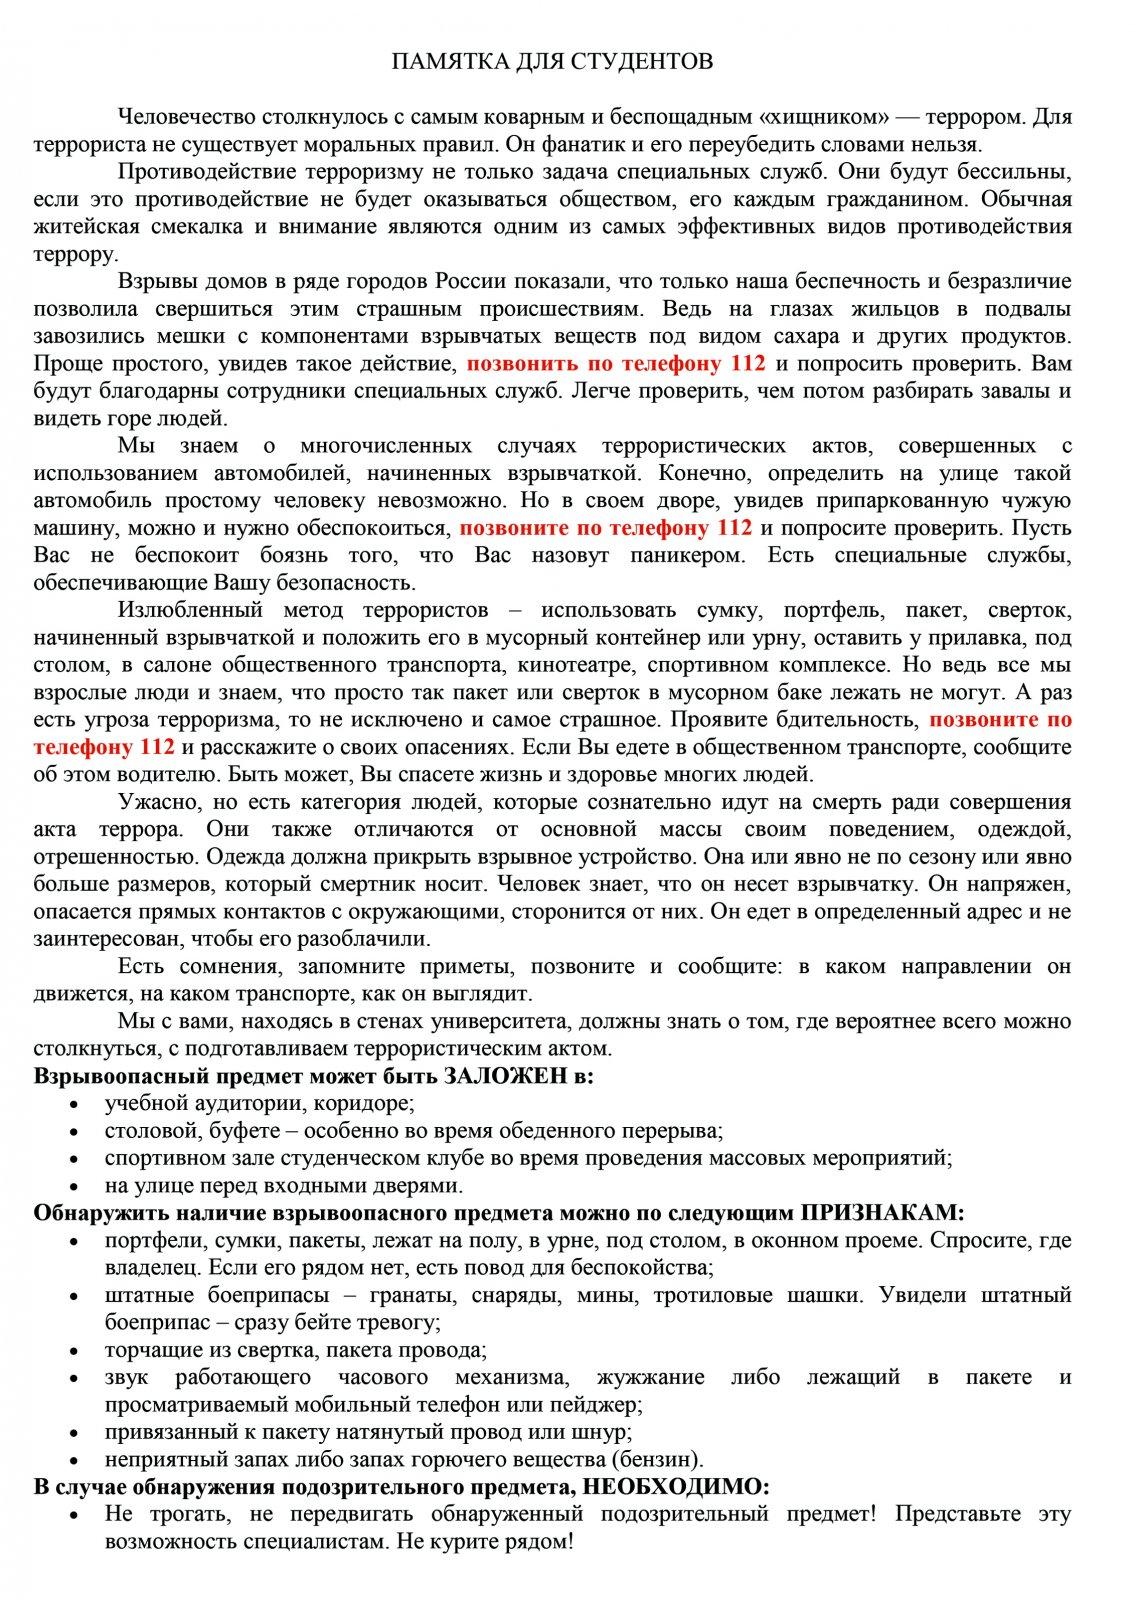 ПАМЯТКА-ДЛЯ-СТУДЕНТОВ-1